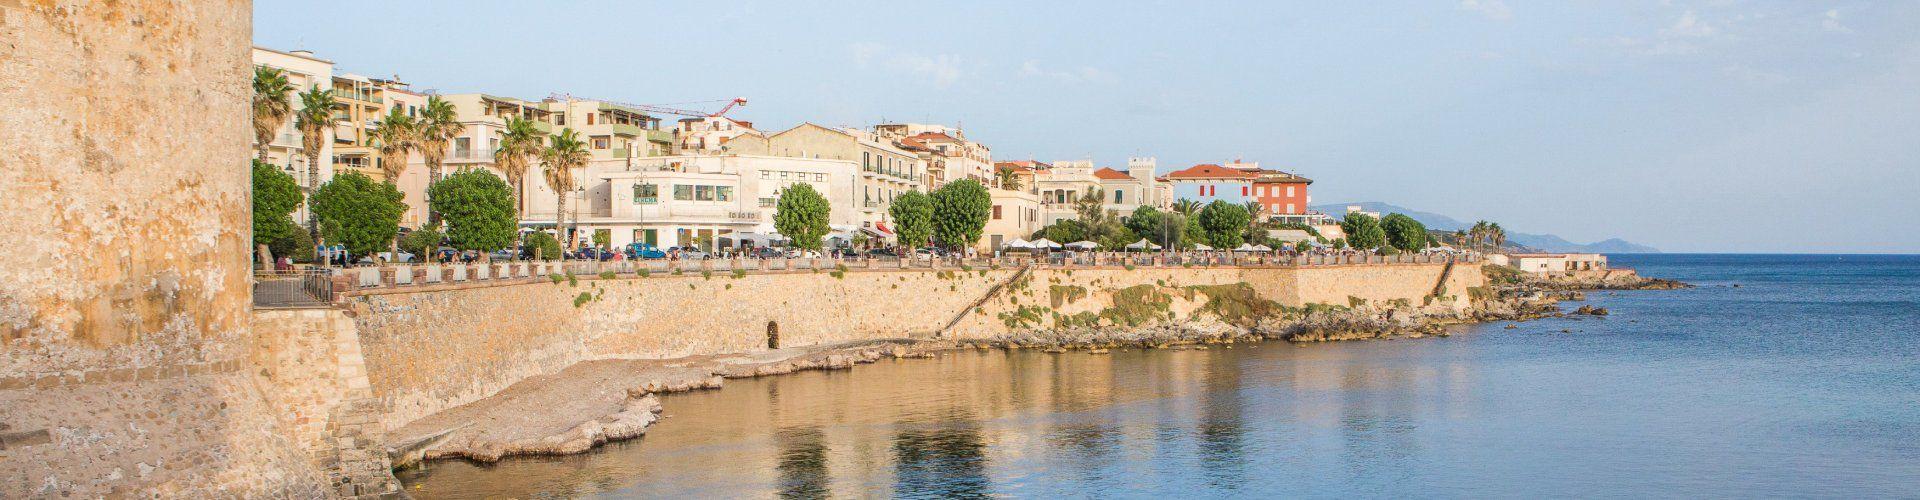 Stolz thront Alghero hinter der Stadmauer auf dem Meer